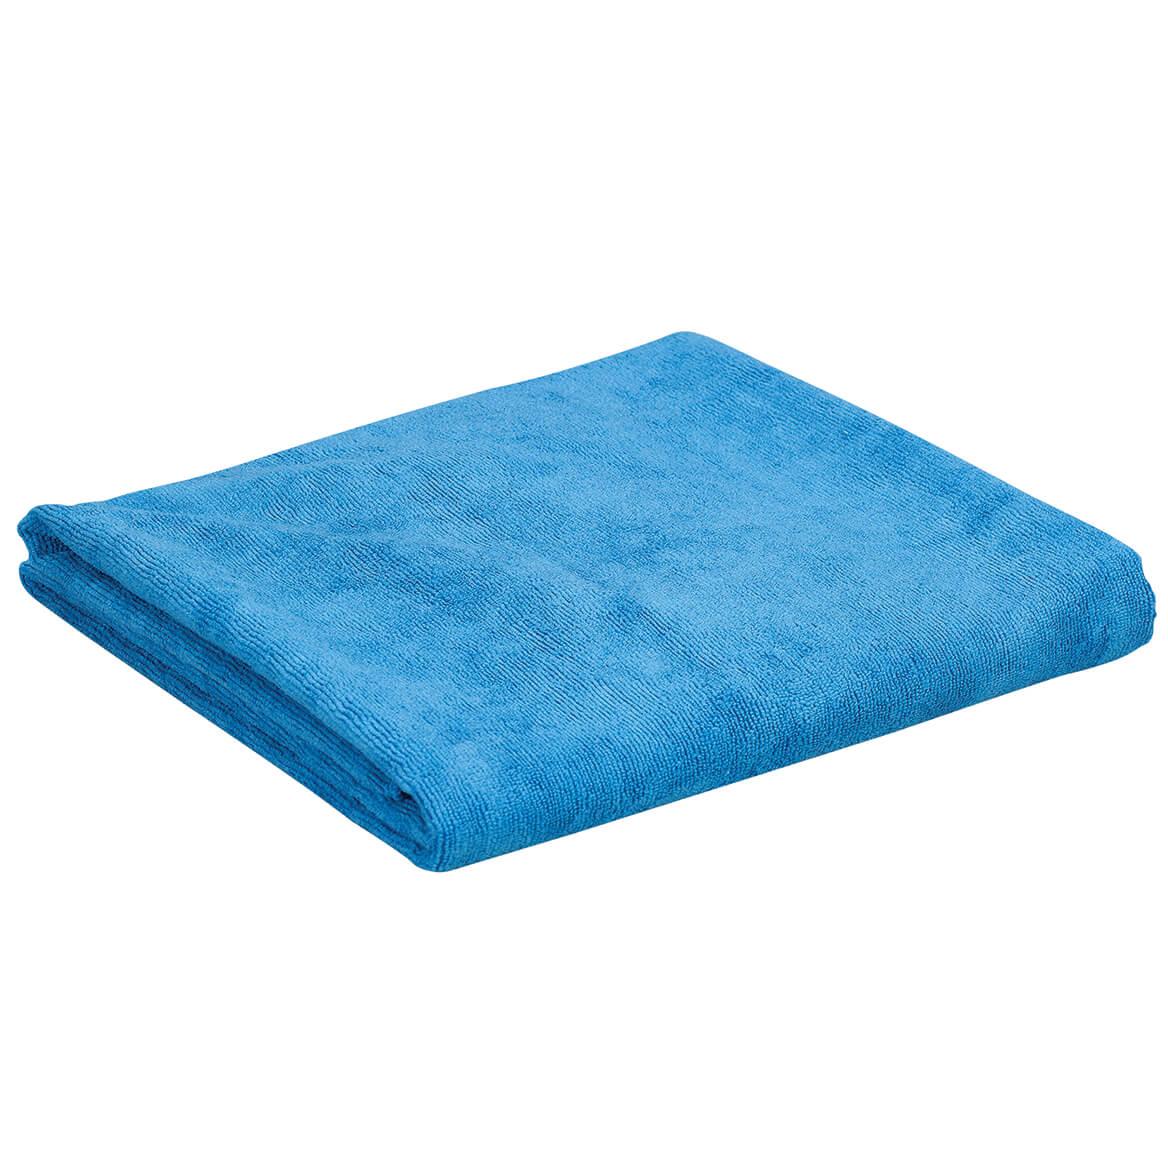 Microfiber Pet Towel-370677